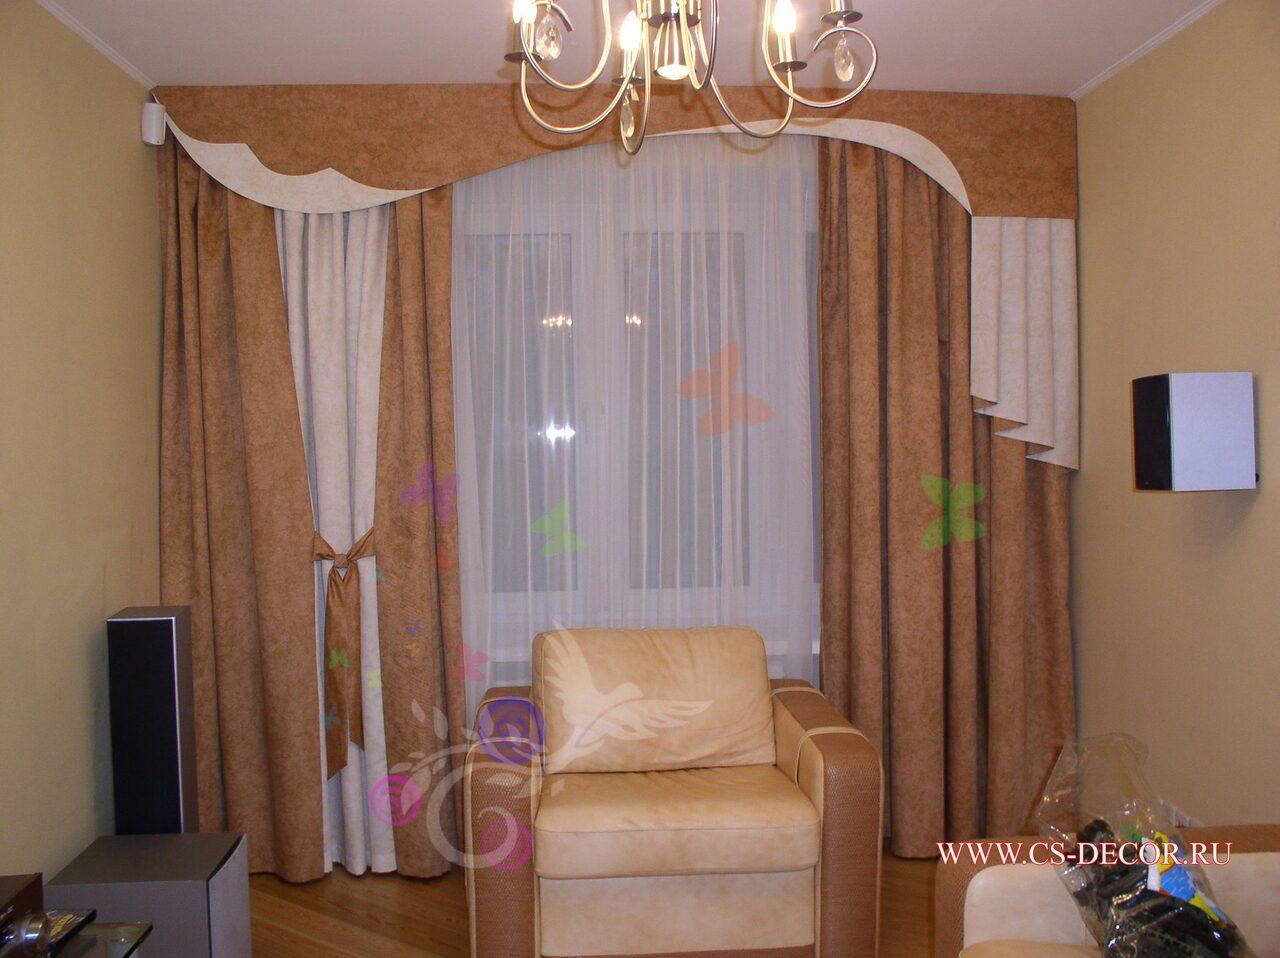 Дизайн штор для зала фото с балконом